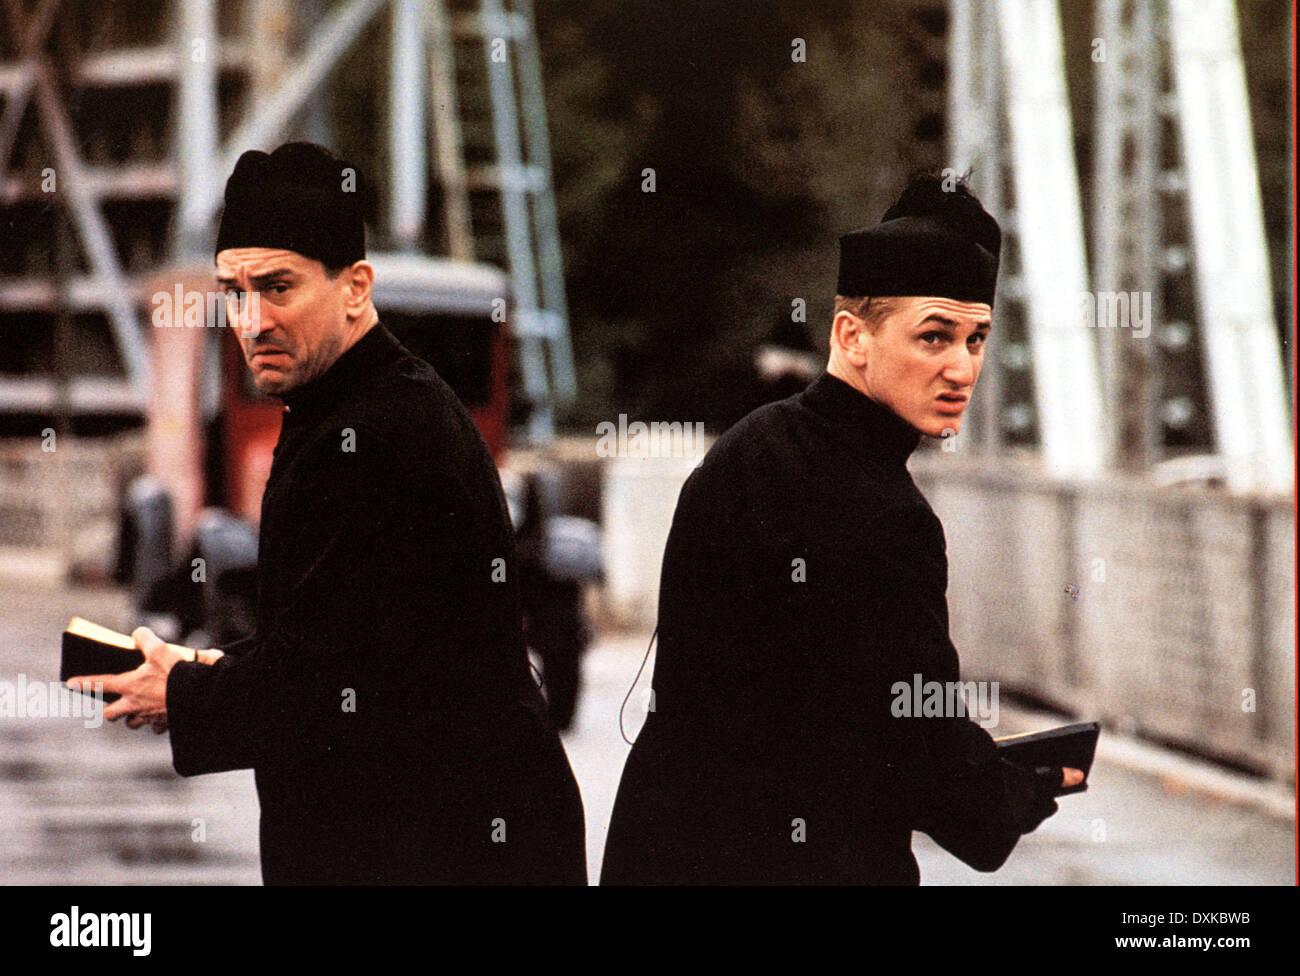 WE'RE NO ANGELS (US  1989) PARAMOUNT PICTURES ROBERT DE NIRO - Stock Image